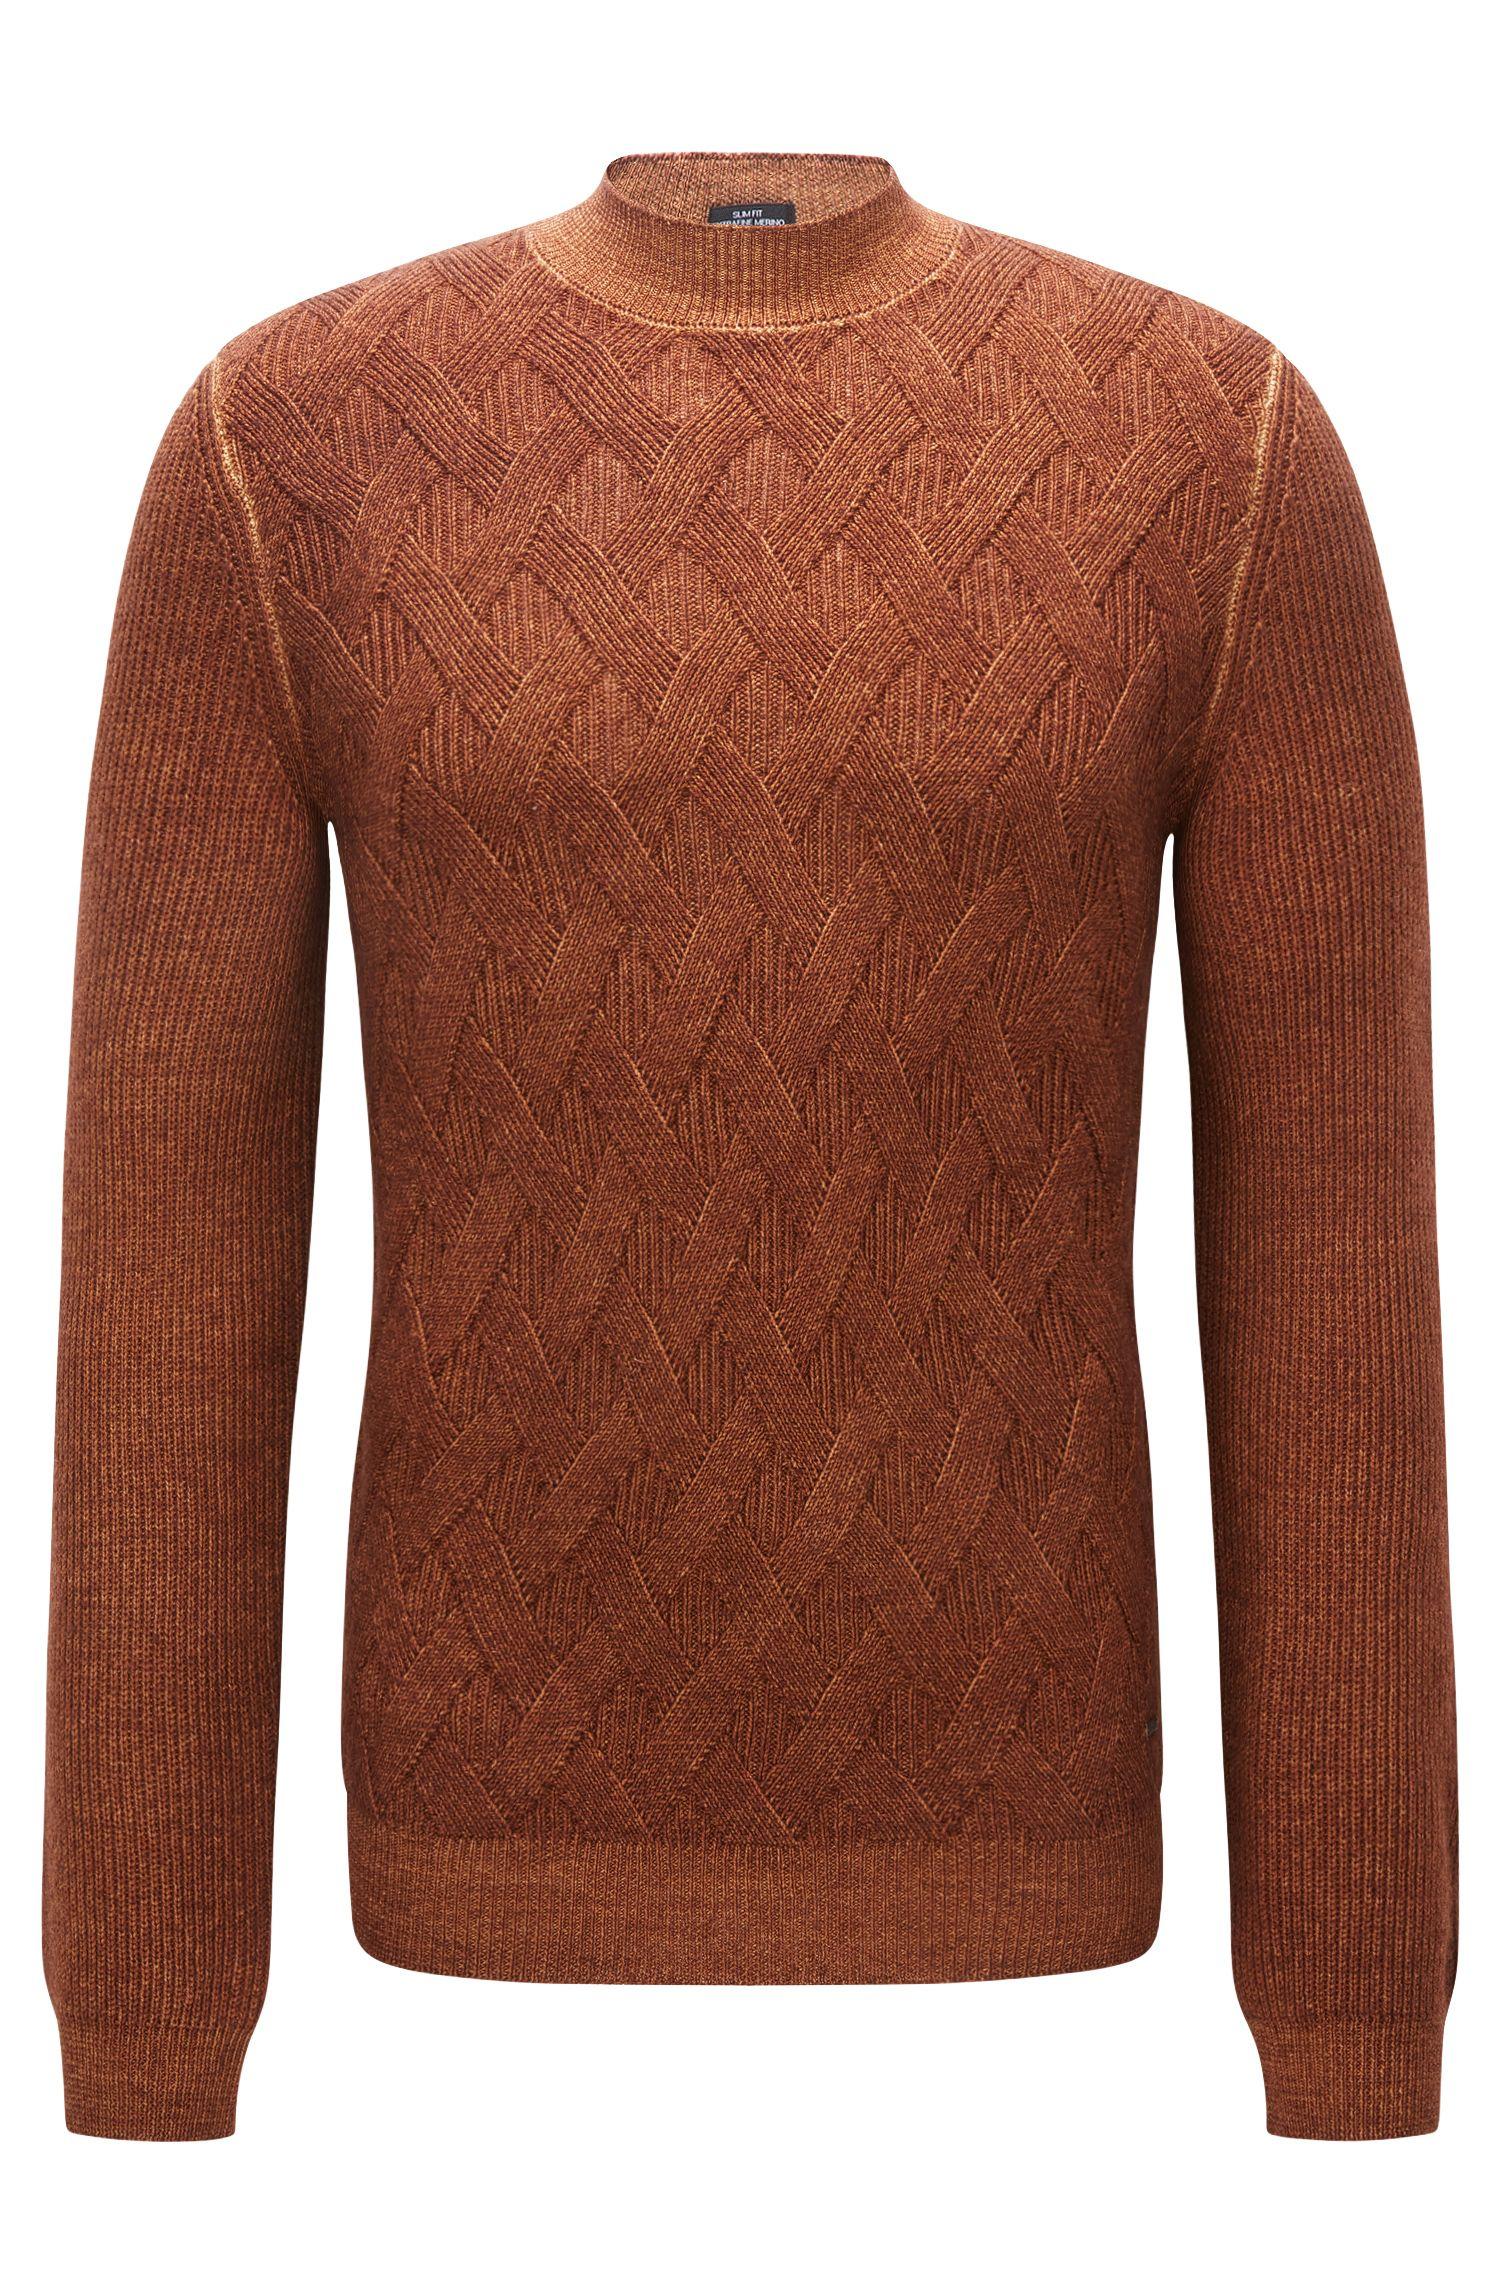 Aran-pattern sweater in virgin wool